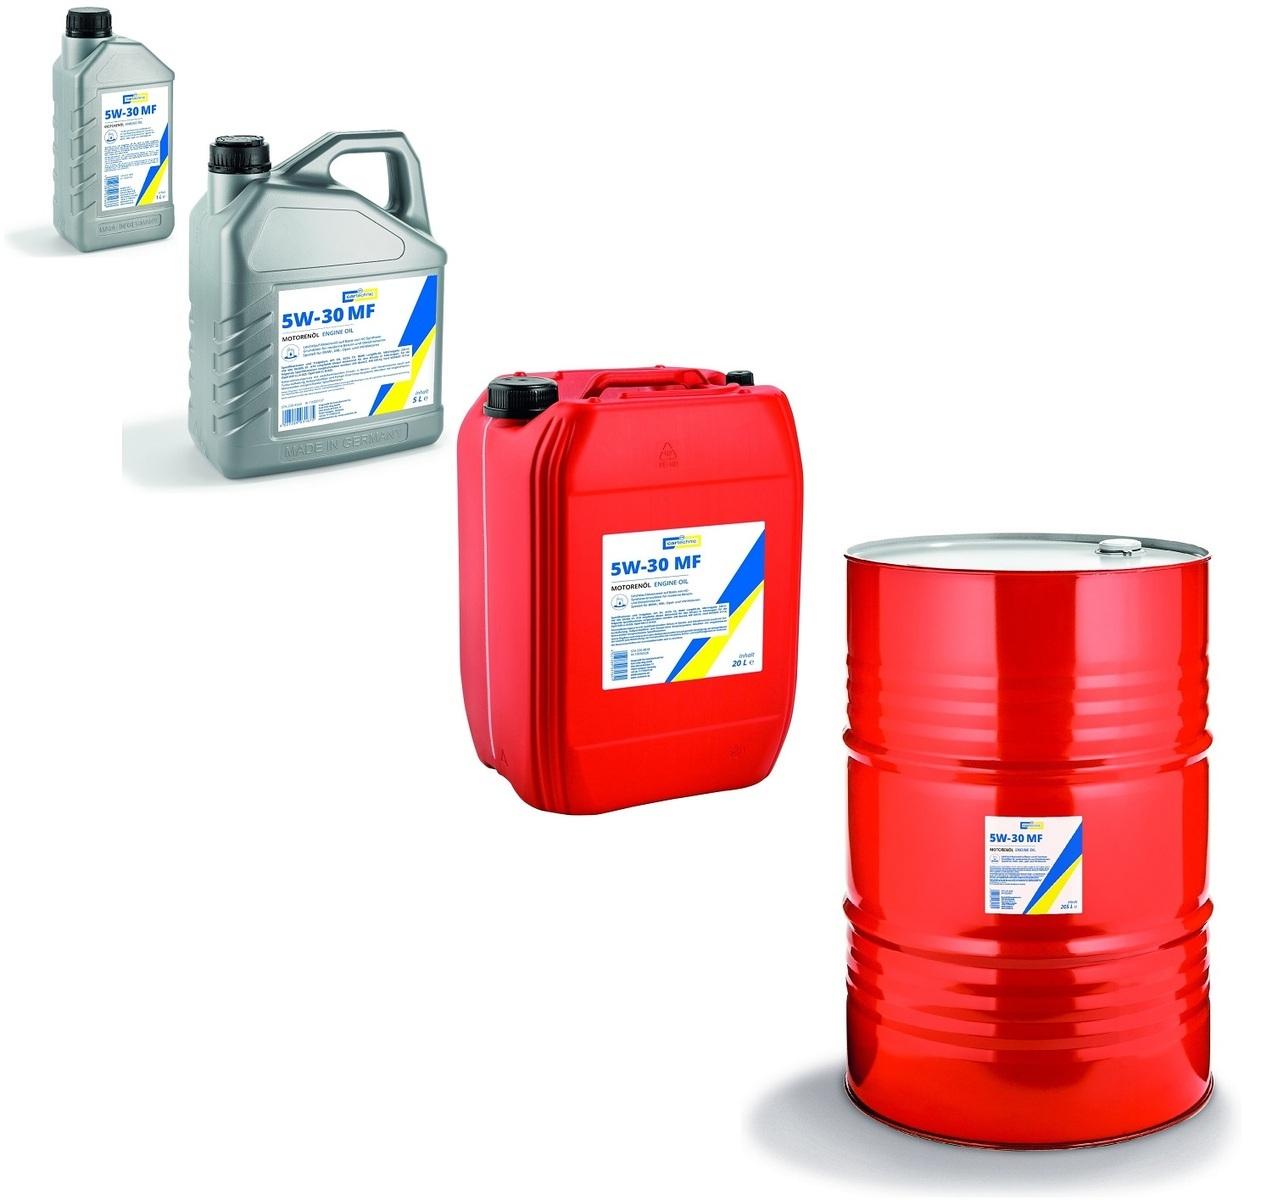 Motorový olej 5W-30 MF, různé objemy - Cartechnic